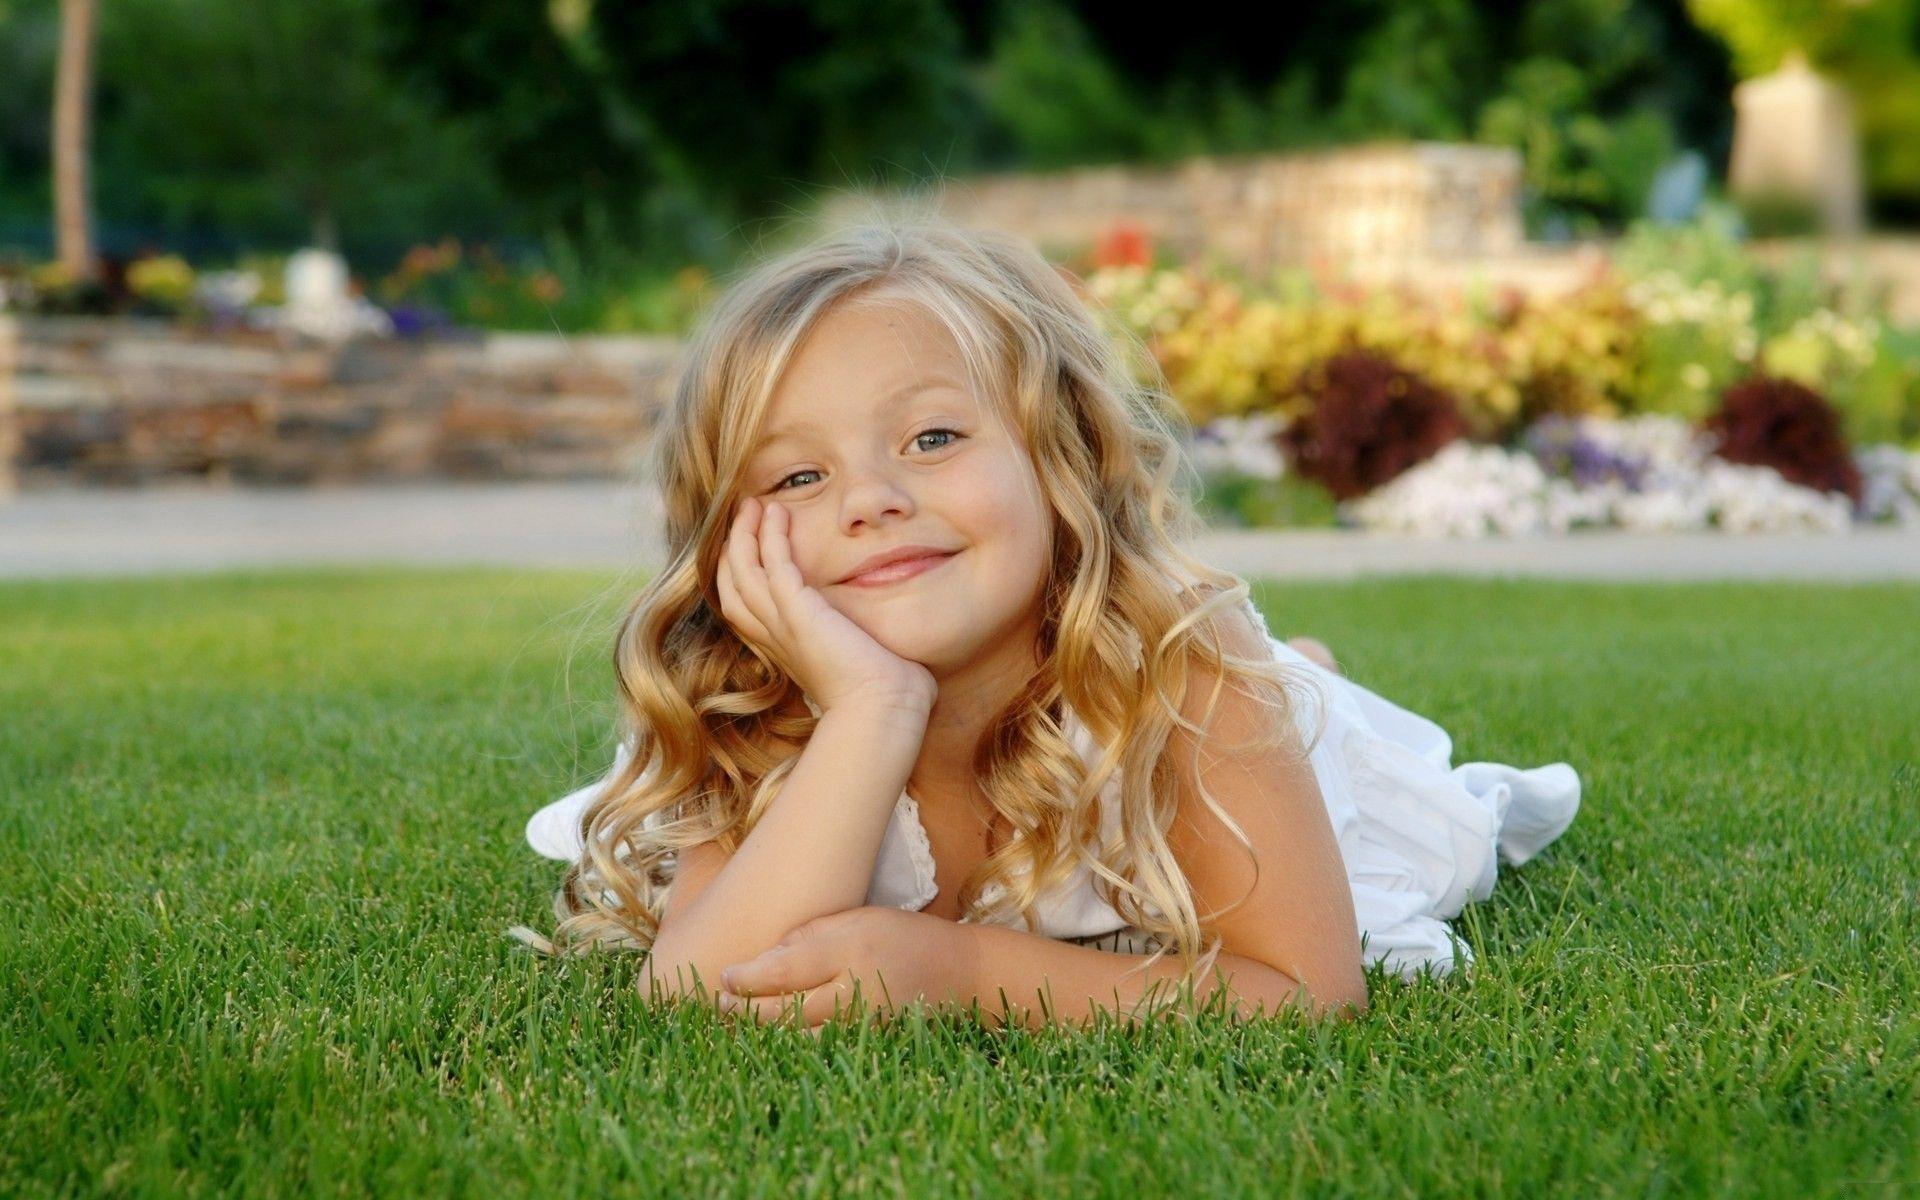 Смотреть красивые маленькие нежные девочки 13 фотография